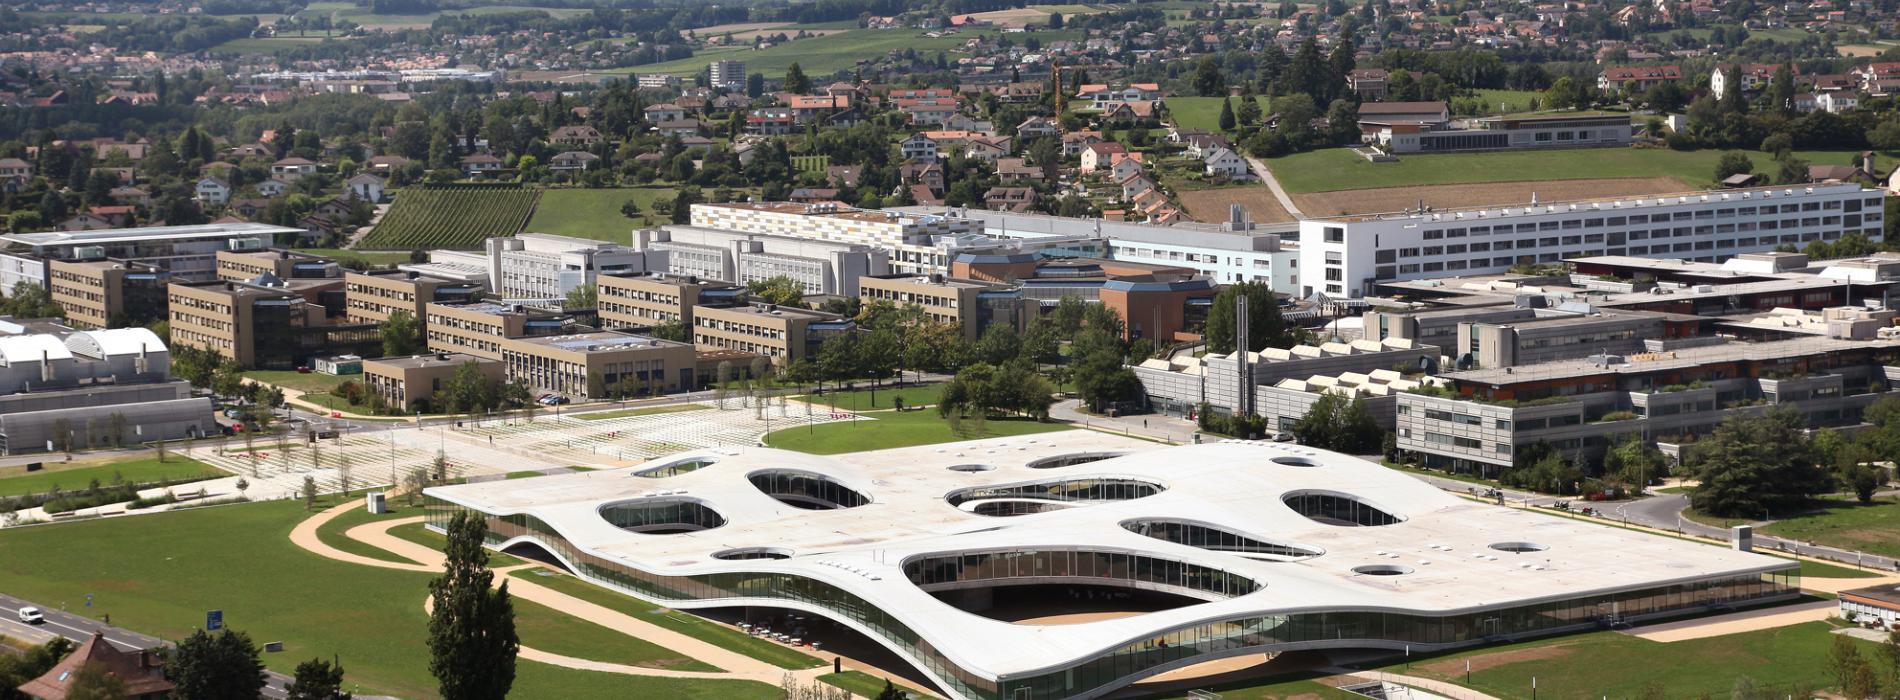 EPFL – École polytechnique fédérale de Lausanne